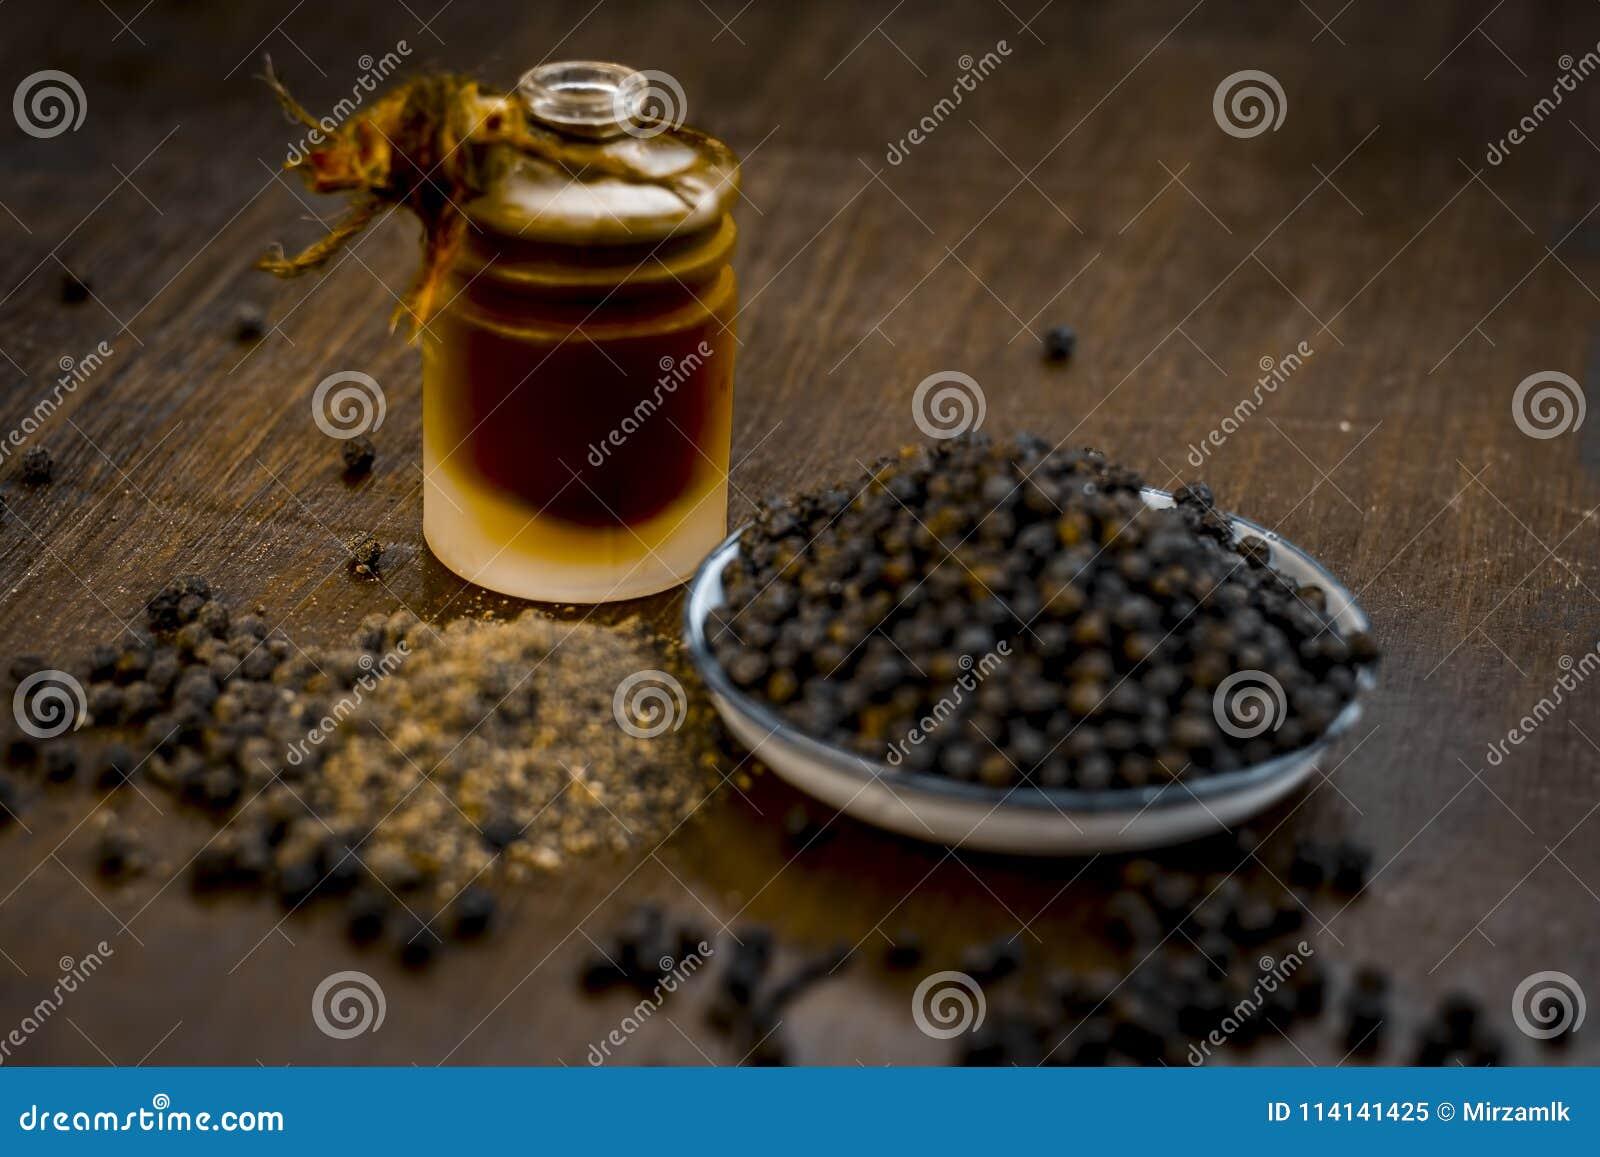 Zwarte peper met zijn olie